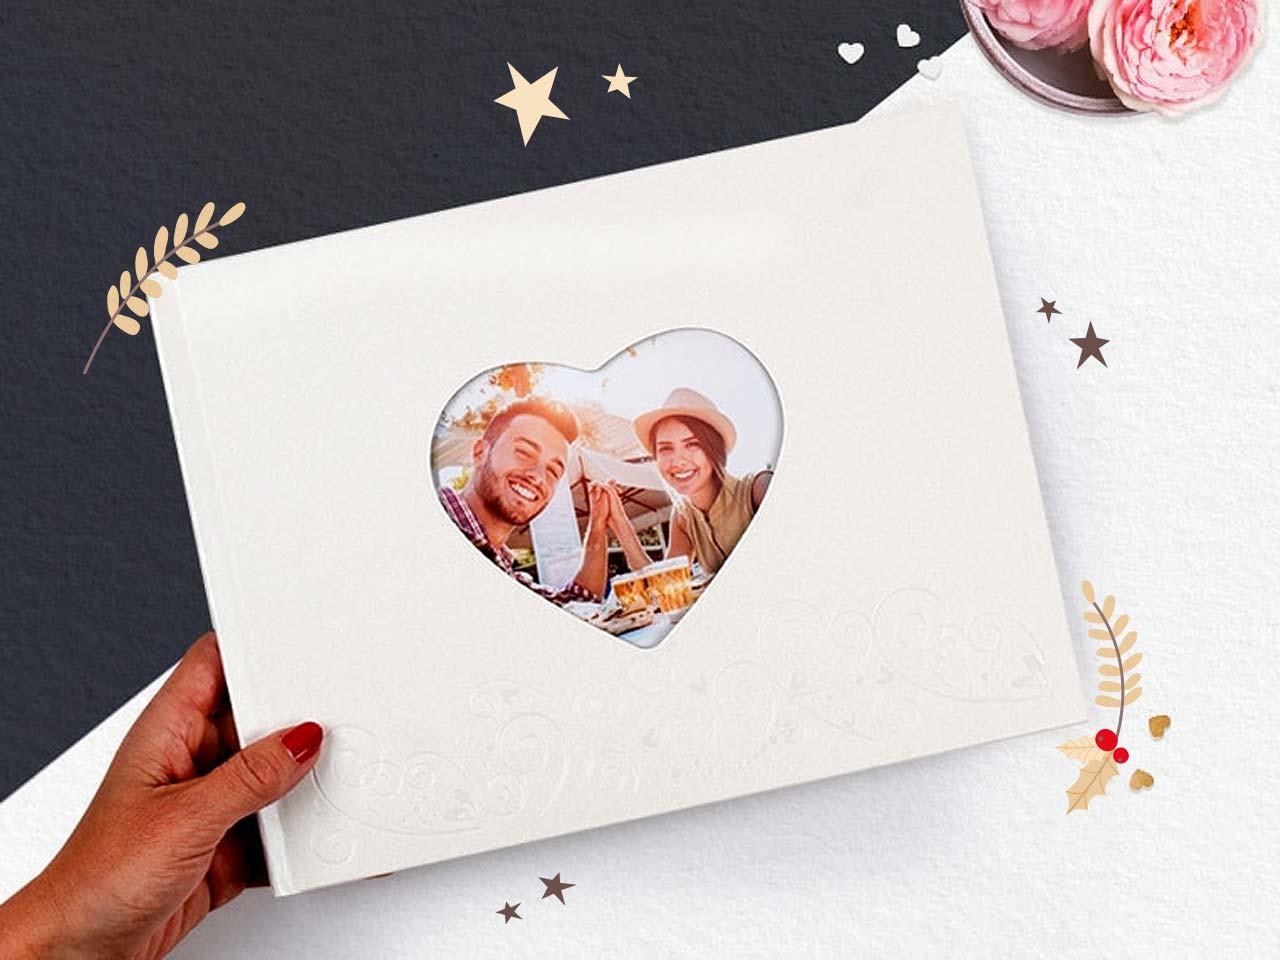 Idée cadeau Noel couple : faire plaisir à sa moitié pour Noël